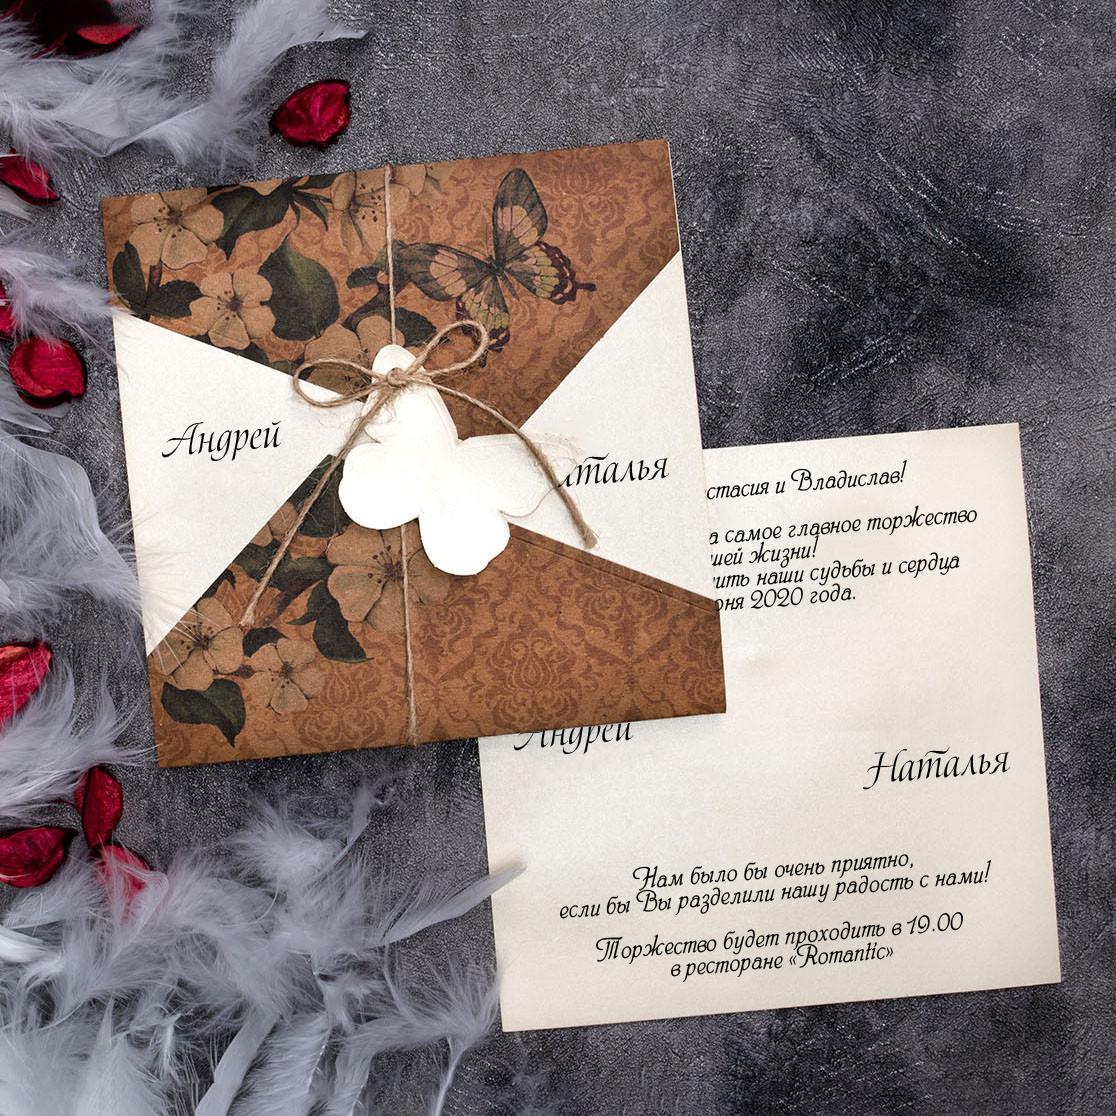 Запрошення на весілля в стилі еко з метеликом (АРТ. 63658)